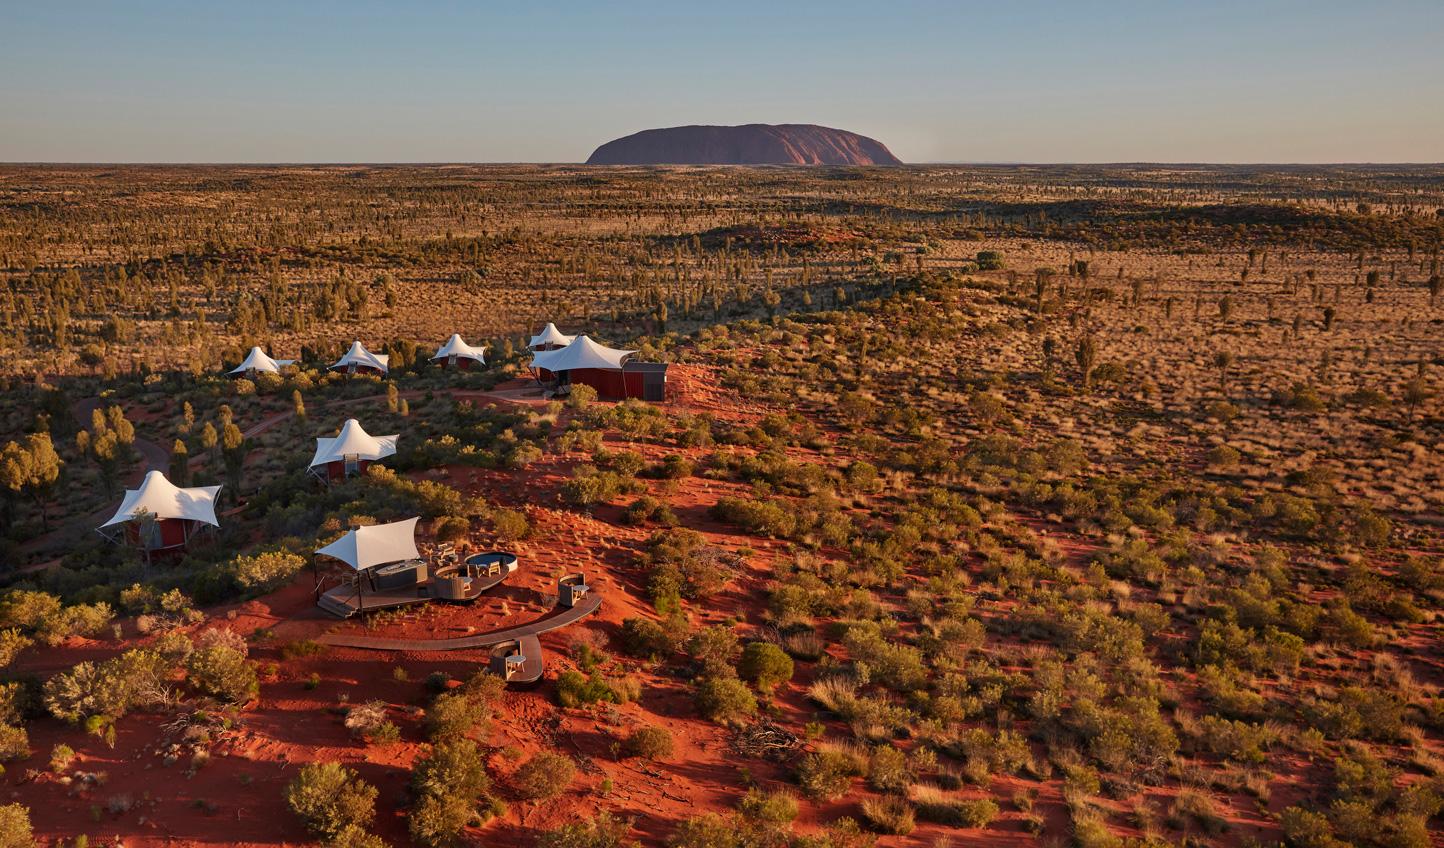 Sleep in the shadow of Uluru at Longitude 131